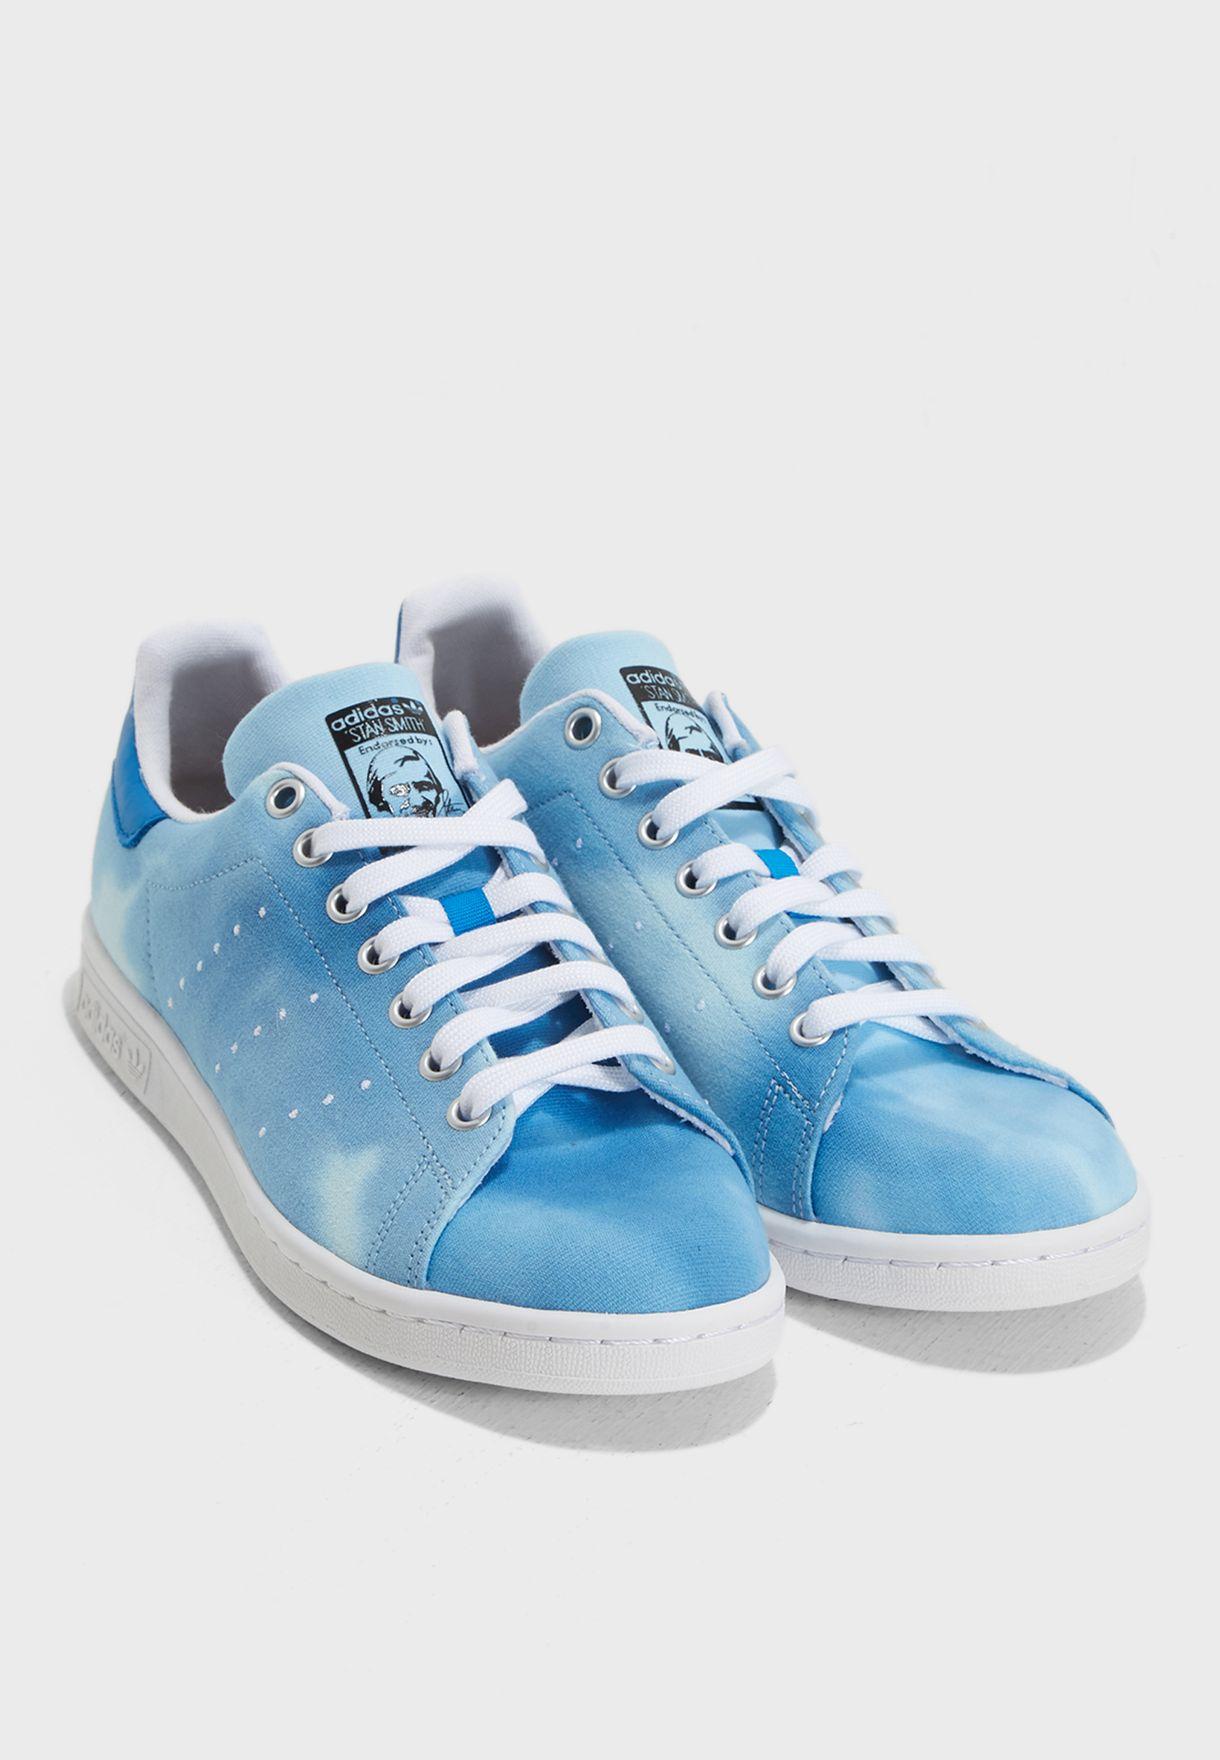 1ac547360 Shop adidas Originals blue Pharrell Williams Hu Holi Stan Smith ...